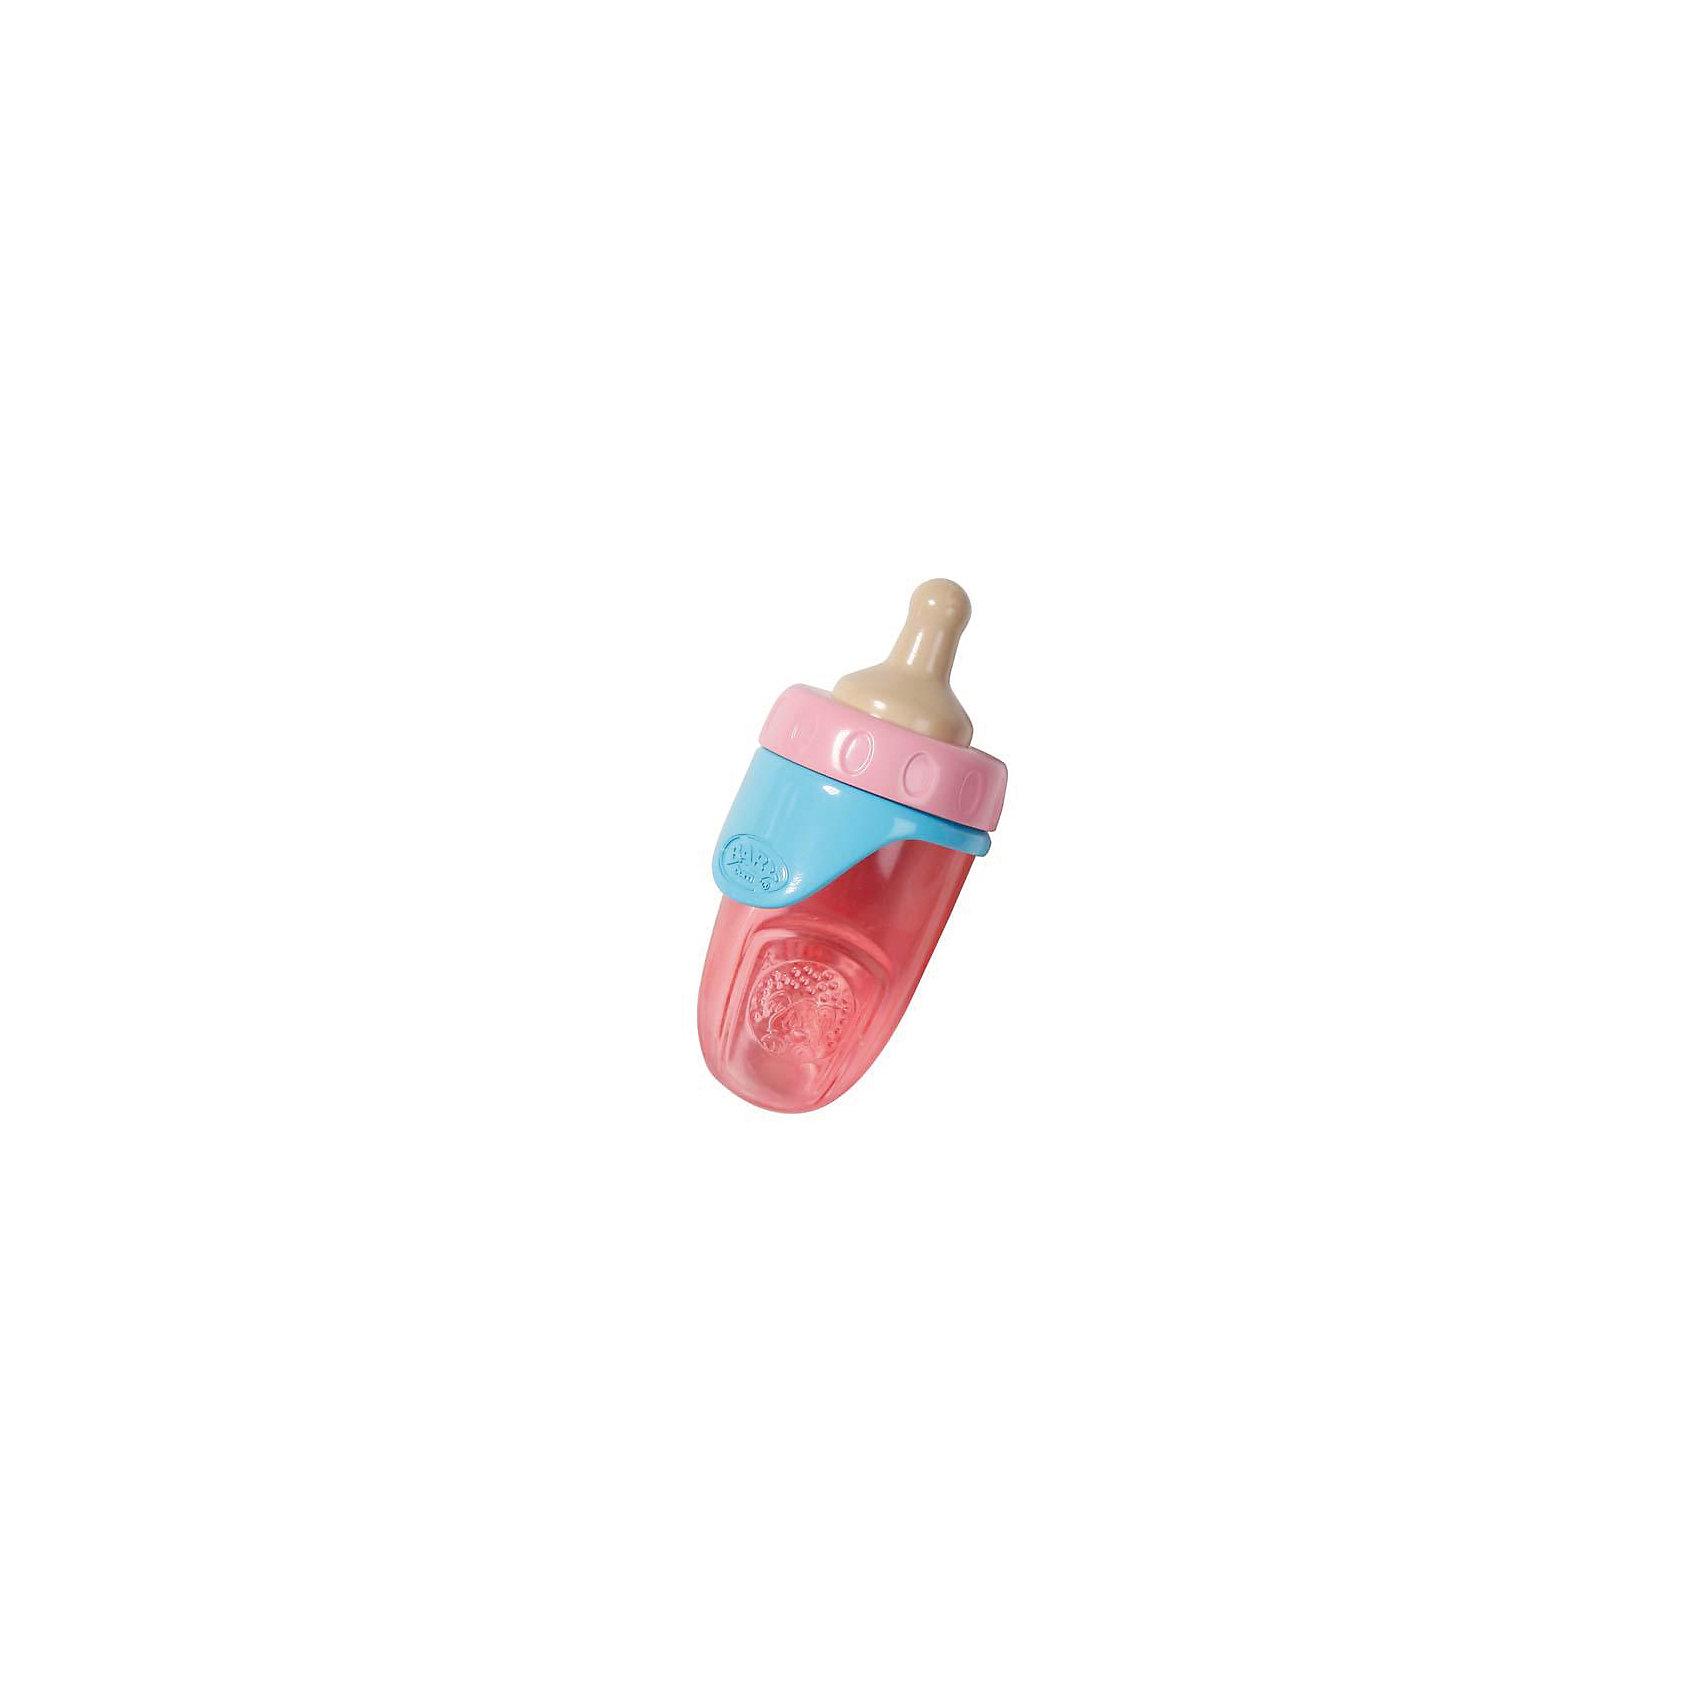 Бутылочка, розовая, BABY bornХарактеристики:<br><br>• Тип игрушки: аксессуары для кукол и пупсов<br>• Предназначение: для сюжетно-ролевых игр<br>• Для куклы: BABY born<br>• Тематика рисунка: без рисунка<br>• Материал: пластик <br>• Съемная соска<br>• Трансформируется в поильник<br>• Вес: 87 г<br>• Размеры упаковки (Д*В*Ш): 13*22*3 см<br>• Упаковка: блистер на картоне<br>• Особенности ухода: можно мыть в теплой мыльной воде<br><br>Бутылочка, розовая, BABY born от немецкого производителя Zapf Creation предназначена для кукол и пупсов серии BABY born. Бутылочка выполнена из высококачественного и нетоксичного пластика. Элементы аксессуара окрашены безопасными красками. Использованный пластик устойчив к ударам и появлениям царапин, при длительной эксплуатации цвет элементов не изменяется. <br><br>Форма бутылочки обтекаемая, у нее нет острых краев и углов, что делает ее безопасной для детских игр. При снятии соски бутылочка трансформируется в поильник, а имеющаяся на кольце ручка позволяет его удобно держать в руках.  Сюжетно-ролевые игры с аксессуарами для пупсов научат вашу девочку быть заботливой и внимательной.<br><br>Бутылочку, розовую, BABY born можно купить в нашем интернет-магазине.<br><br>Ширина мм: 130<br>Глубина мм: 220<br>Высота мм: 30<br>Вес г: 87<br>Возраст от месяцев: 36<br>Возраст до месяцев: 144<br>Пол: Женский<br>Возраст: Детский<br>SKU: 5377581